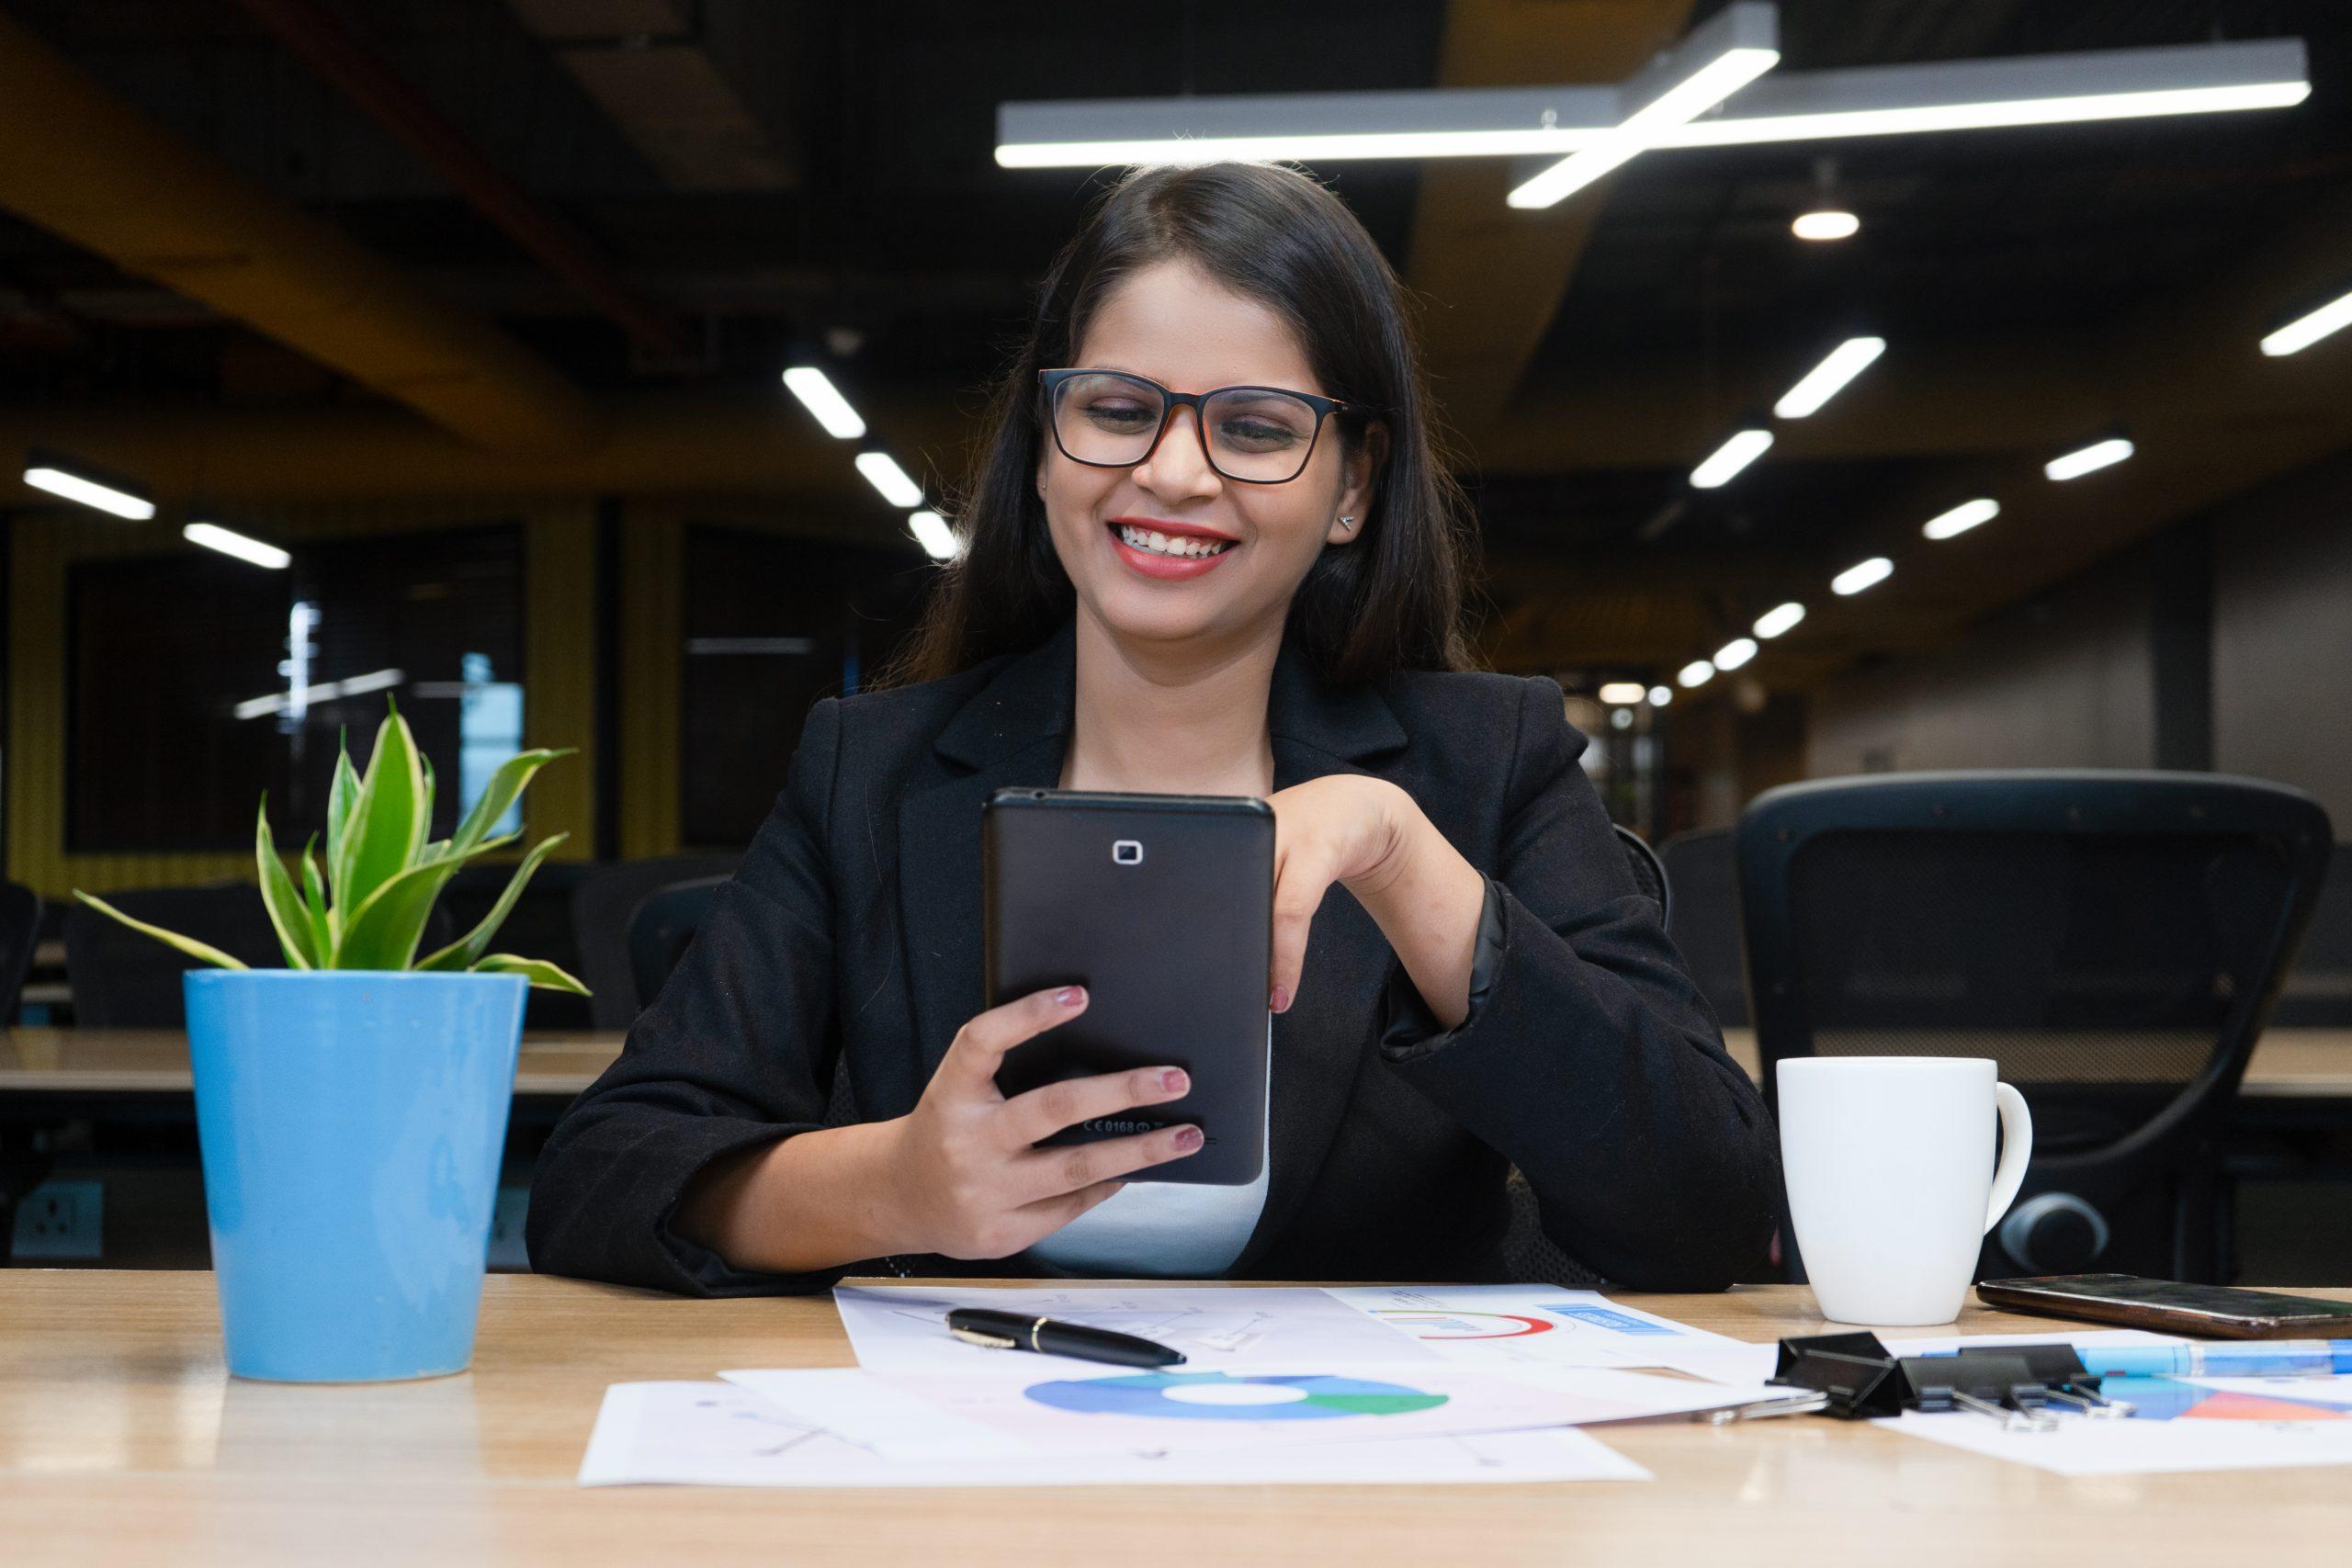 woman working on tab